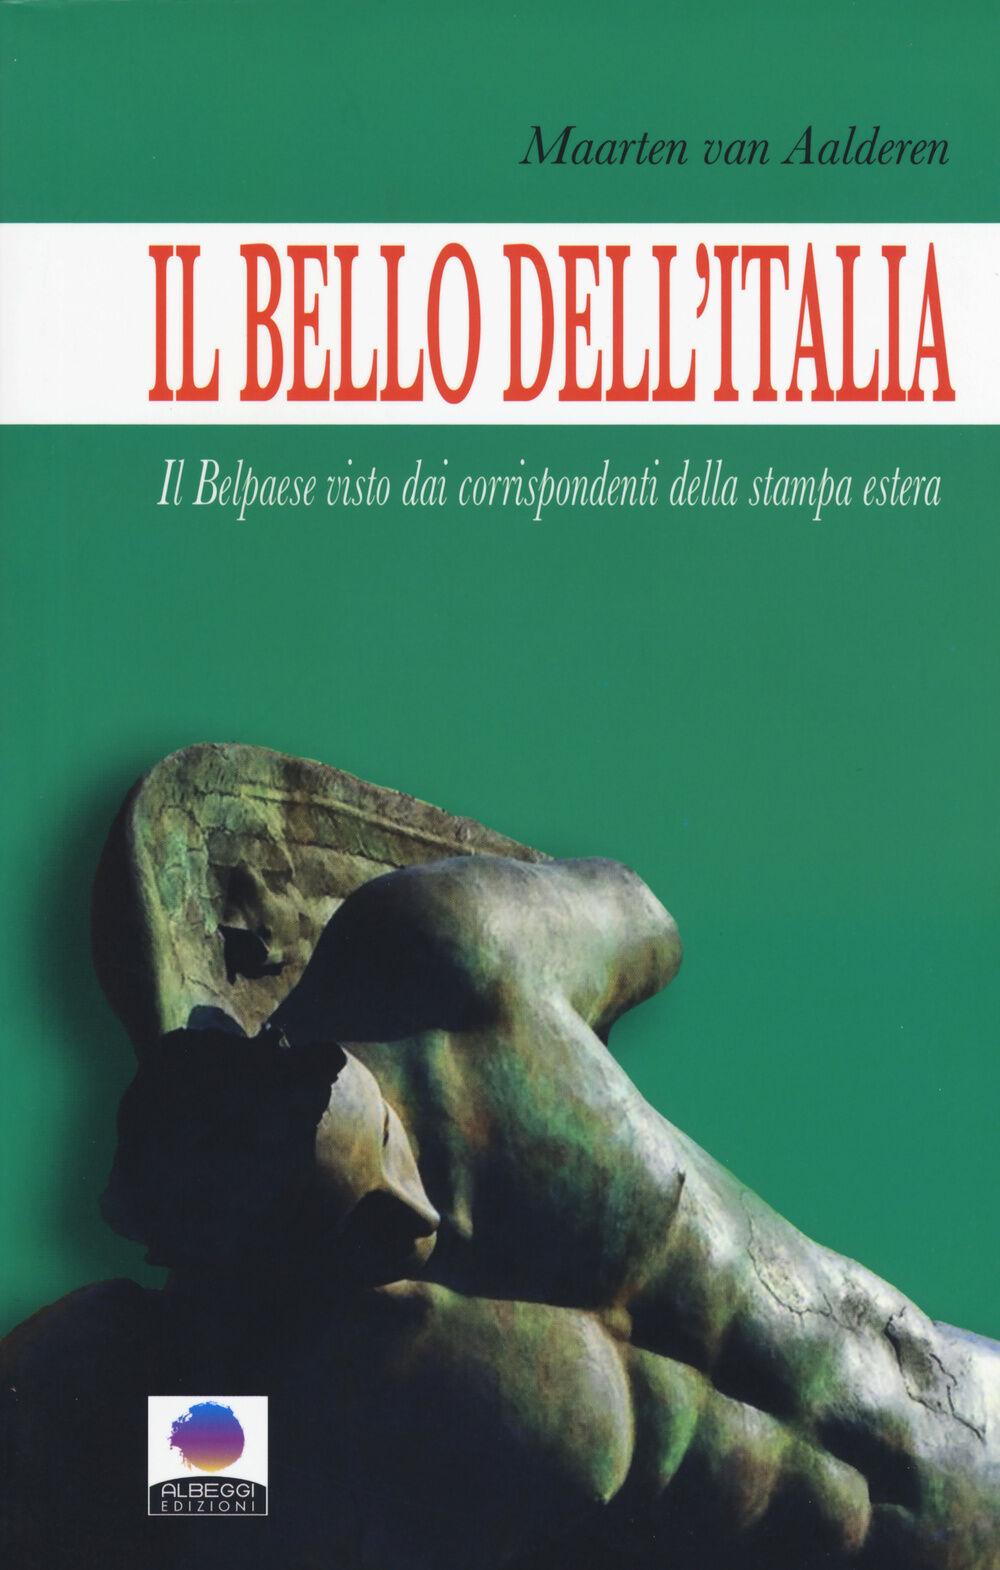 Il bello dell'Italia. Il Belpaese visto dai corrispondenti della stampa estera